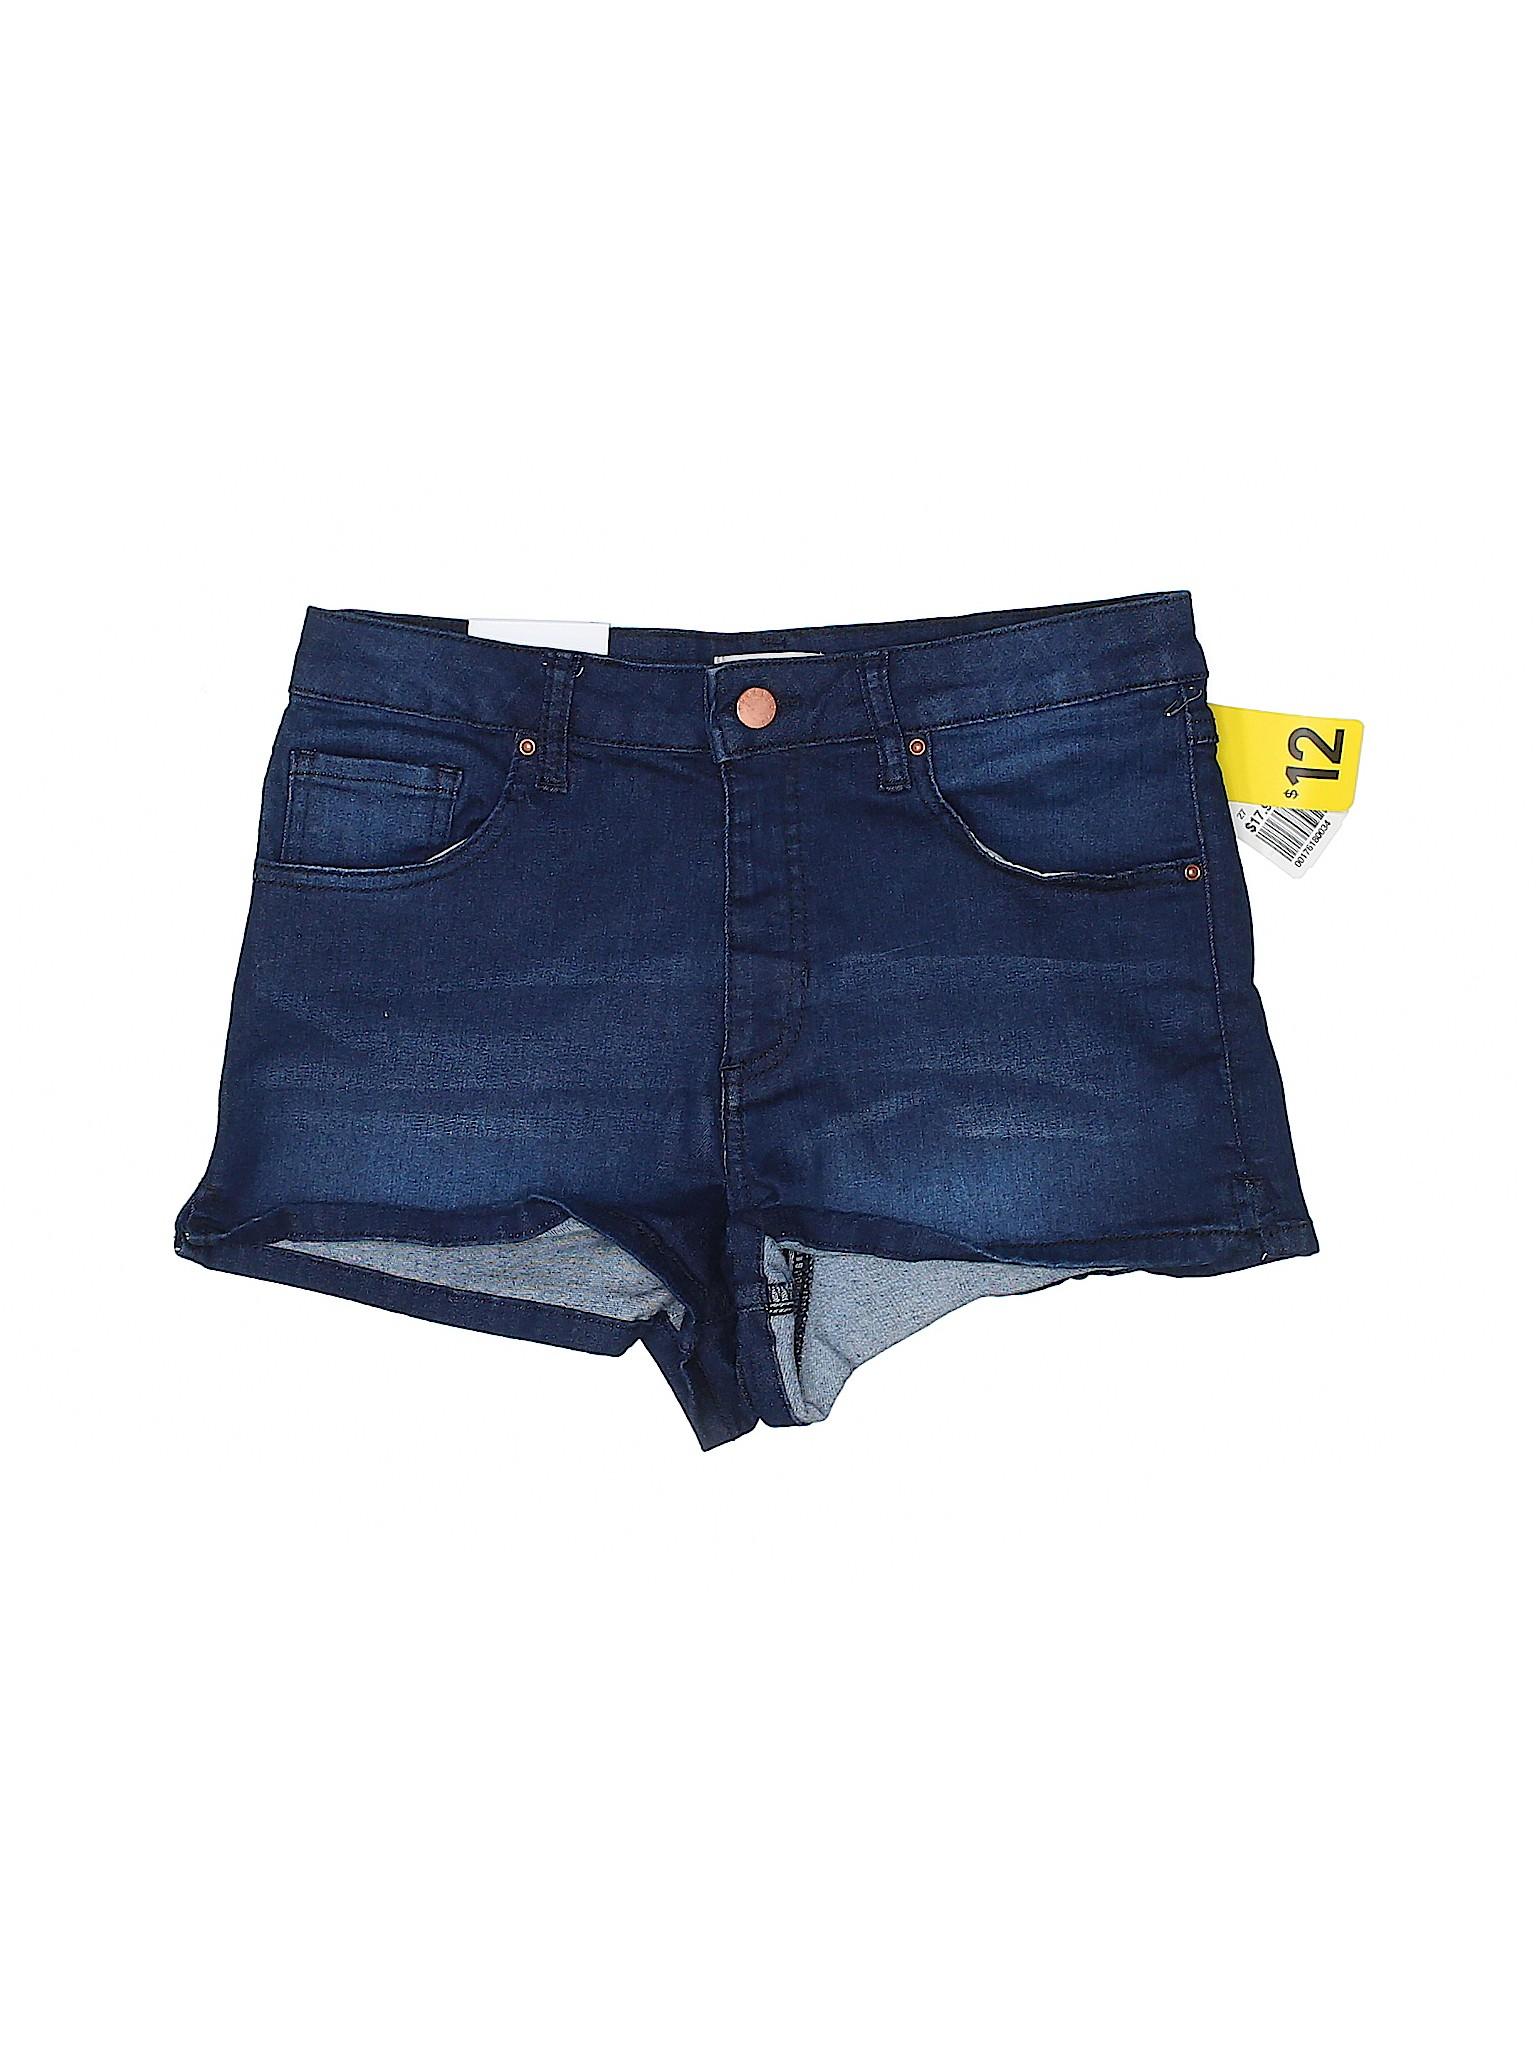 Boutique Shorts 21 Forever Forever Shorts Denim Denim Boutique Boutique 21 Forever 4qq7w6a